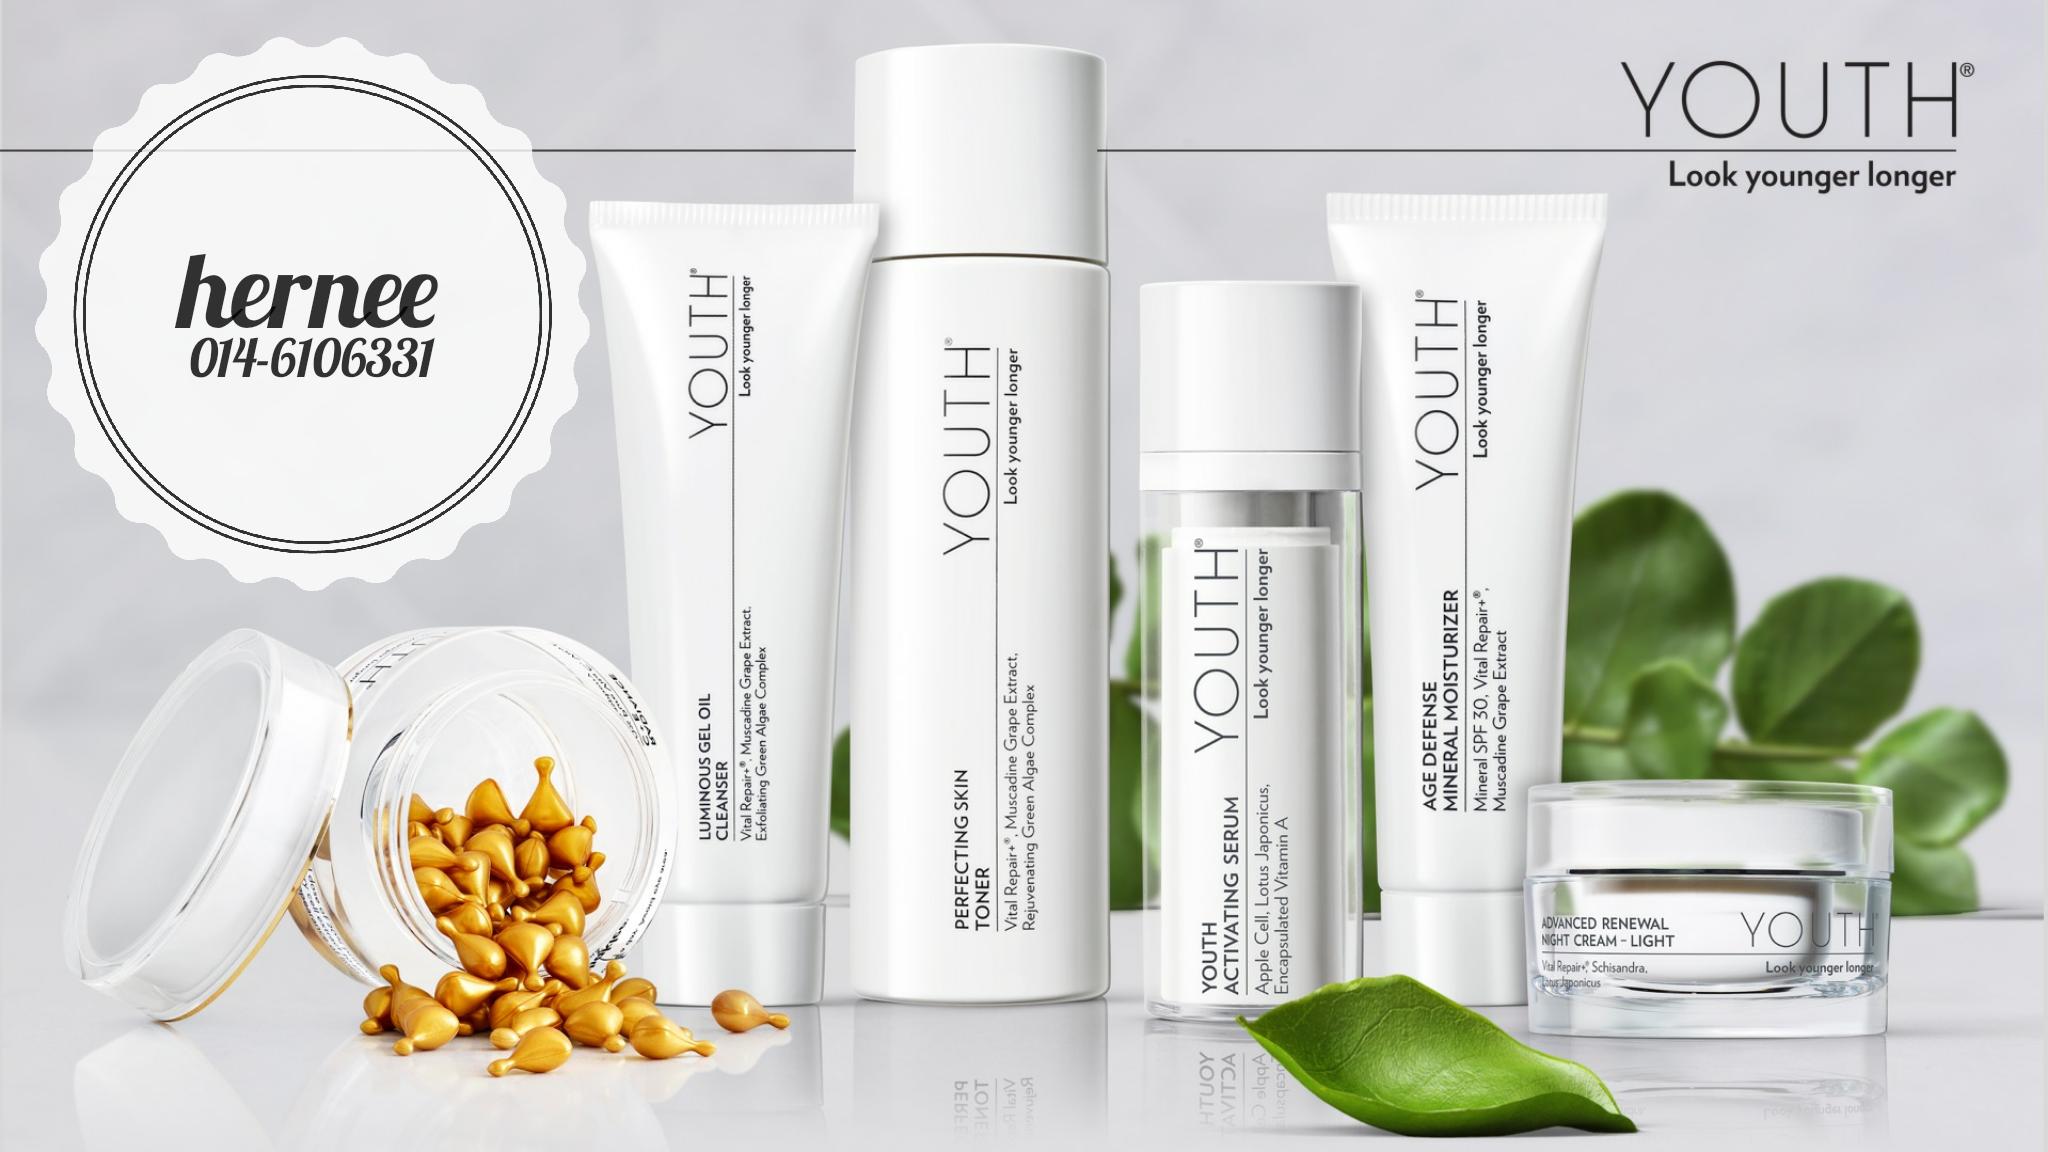 YOUTH® Skin Care | Produk Penjagaan Kulit Terbaru Dari Shaklee